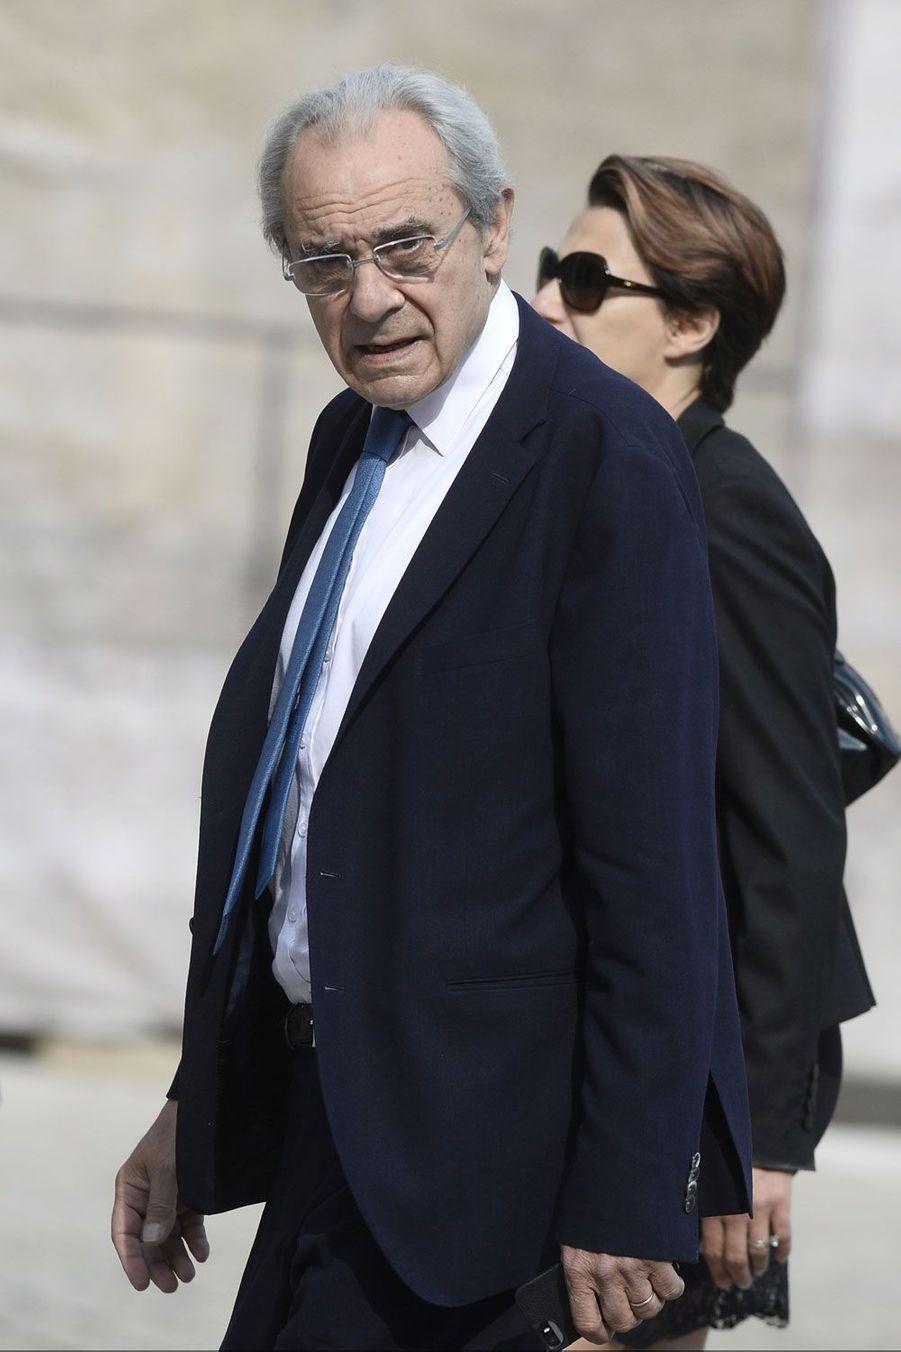 Le député Bernard Debré